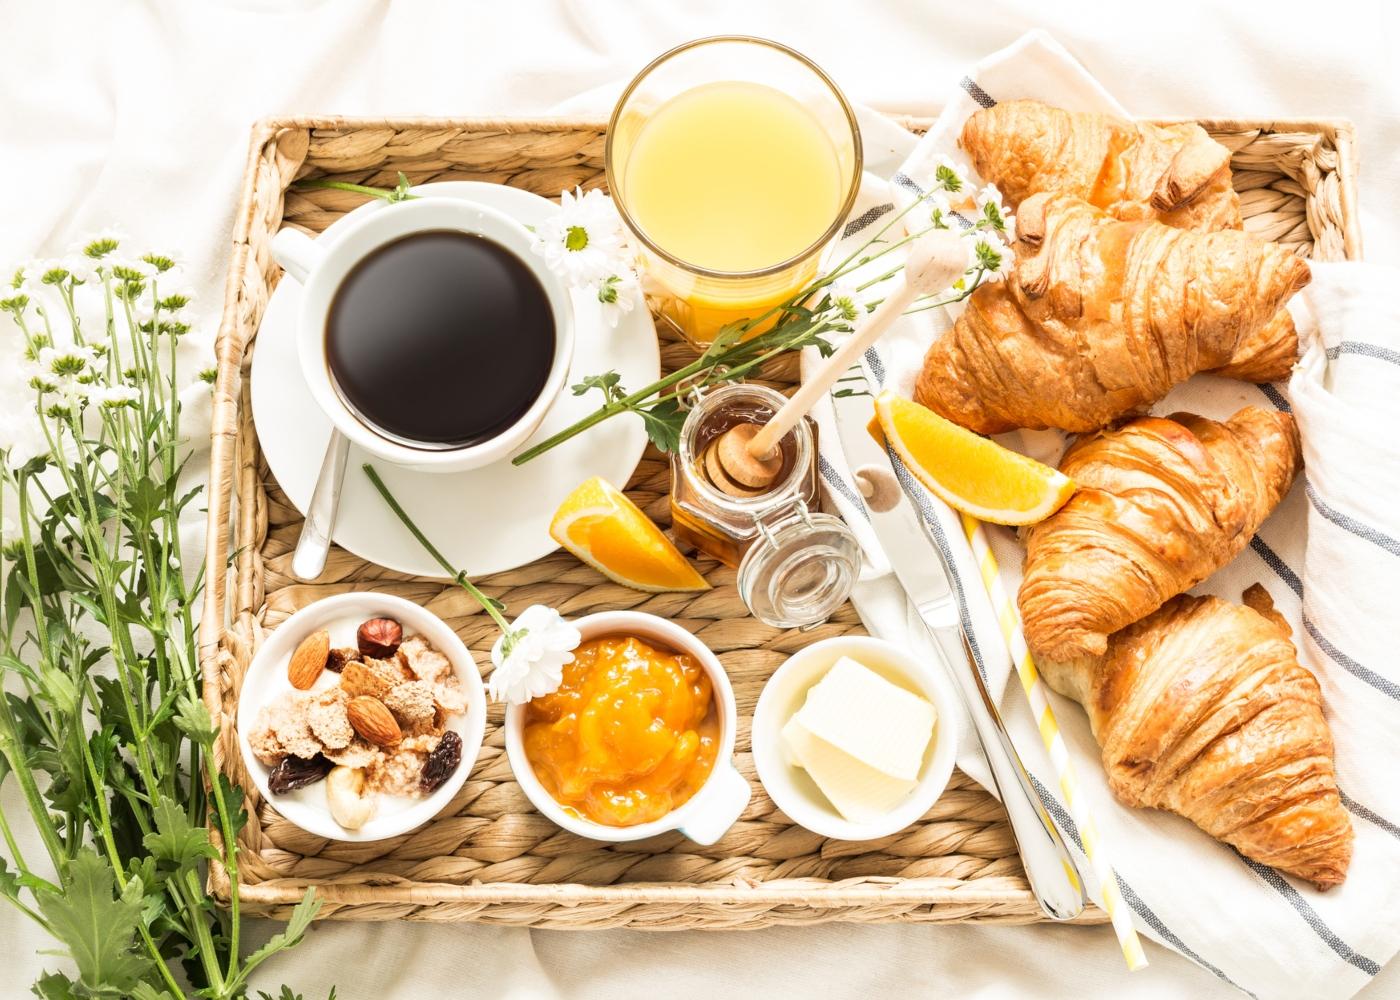 Surpresas para o Dia da Mãe: pequeno-almoço especial na cama